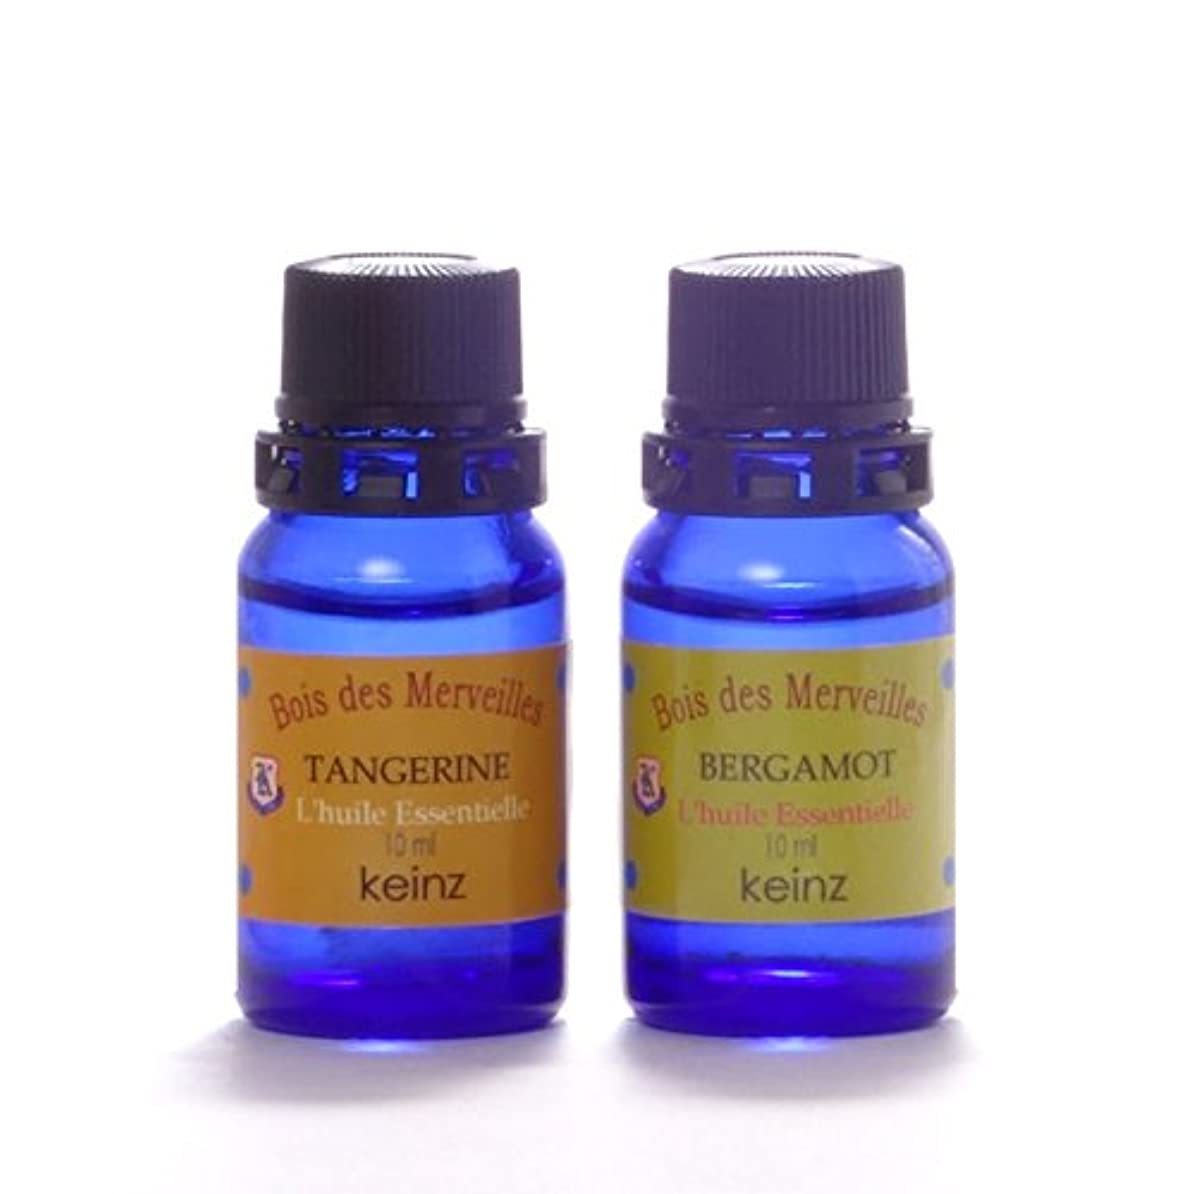 文明化戦う公平なkeinzエッセンシャルオイル「タンジェリン10ml&ベルガモット10ml」2種1セット ケインズ正規品 製造国アメリカ 水蒸気蒸留法による100%無添加精油 人工香料は使っていません。